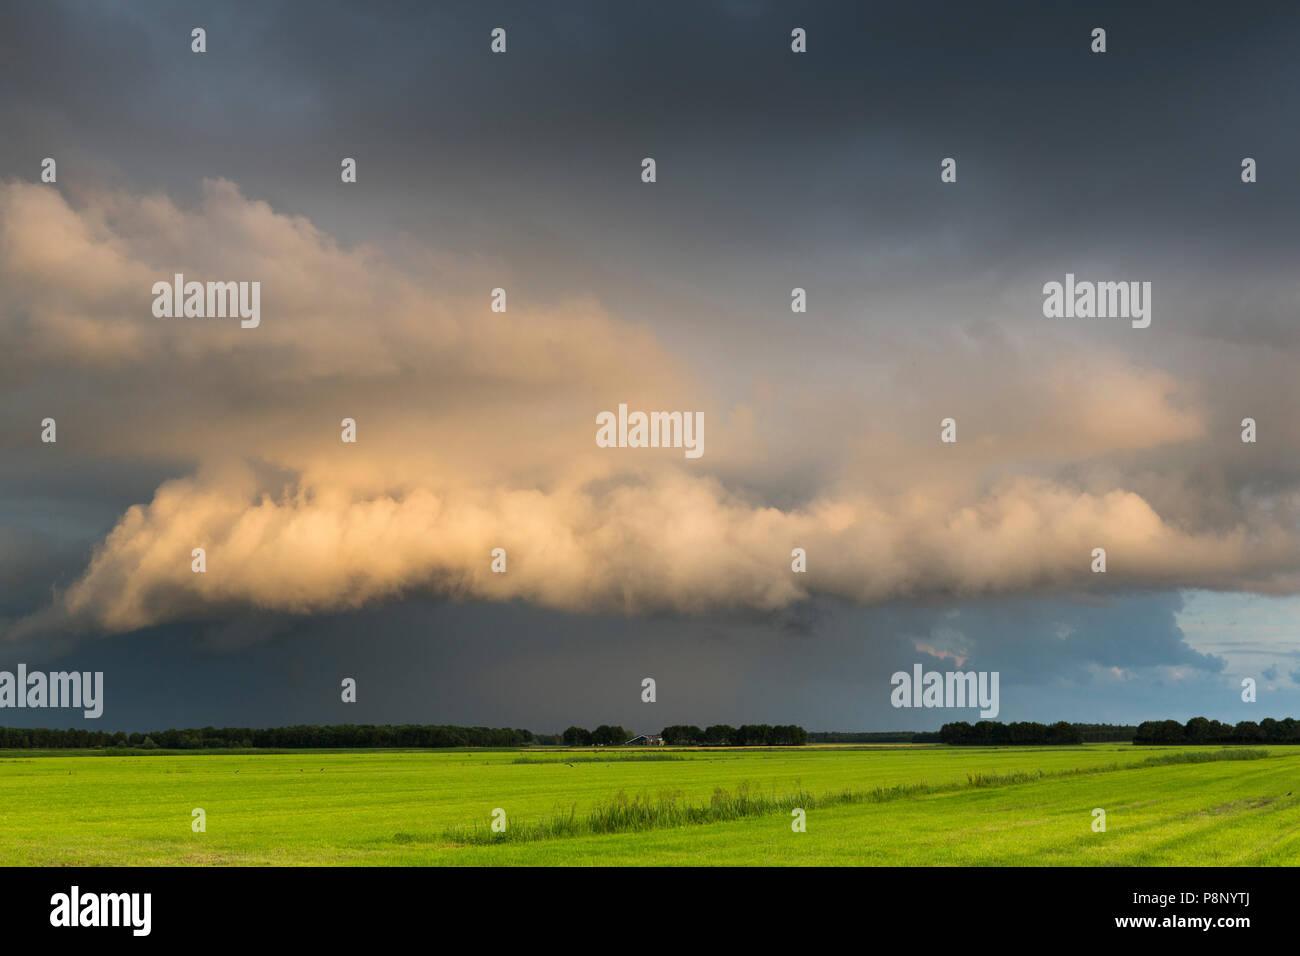 Bajo la luz del sol en el cielo amenazante Imagen De Stock